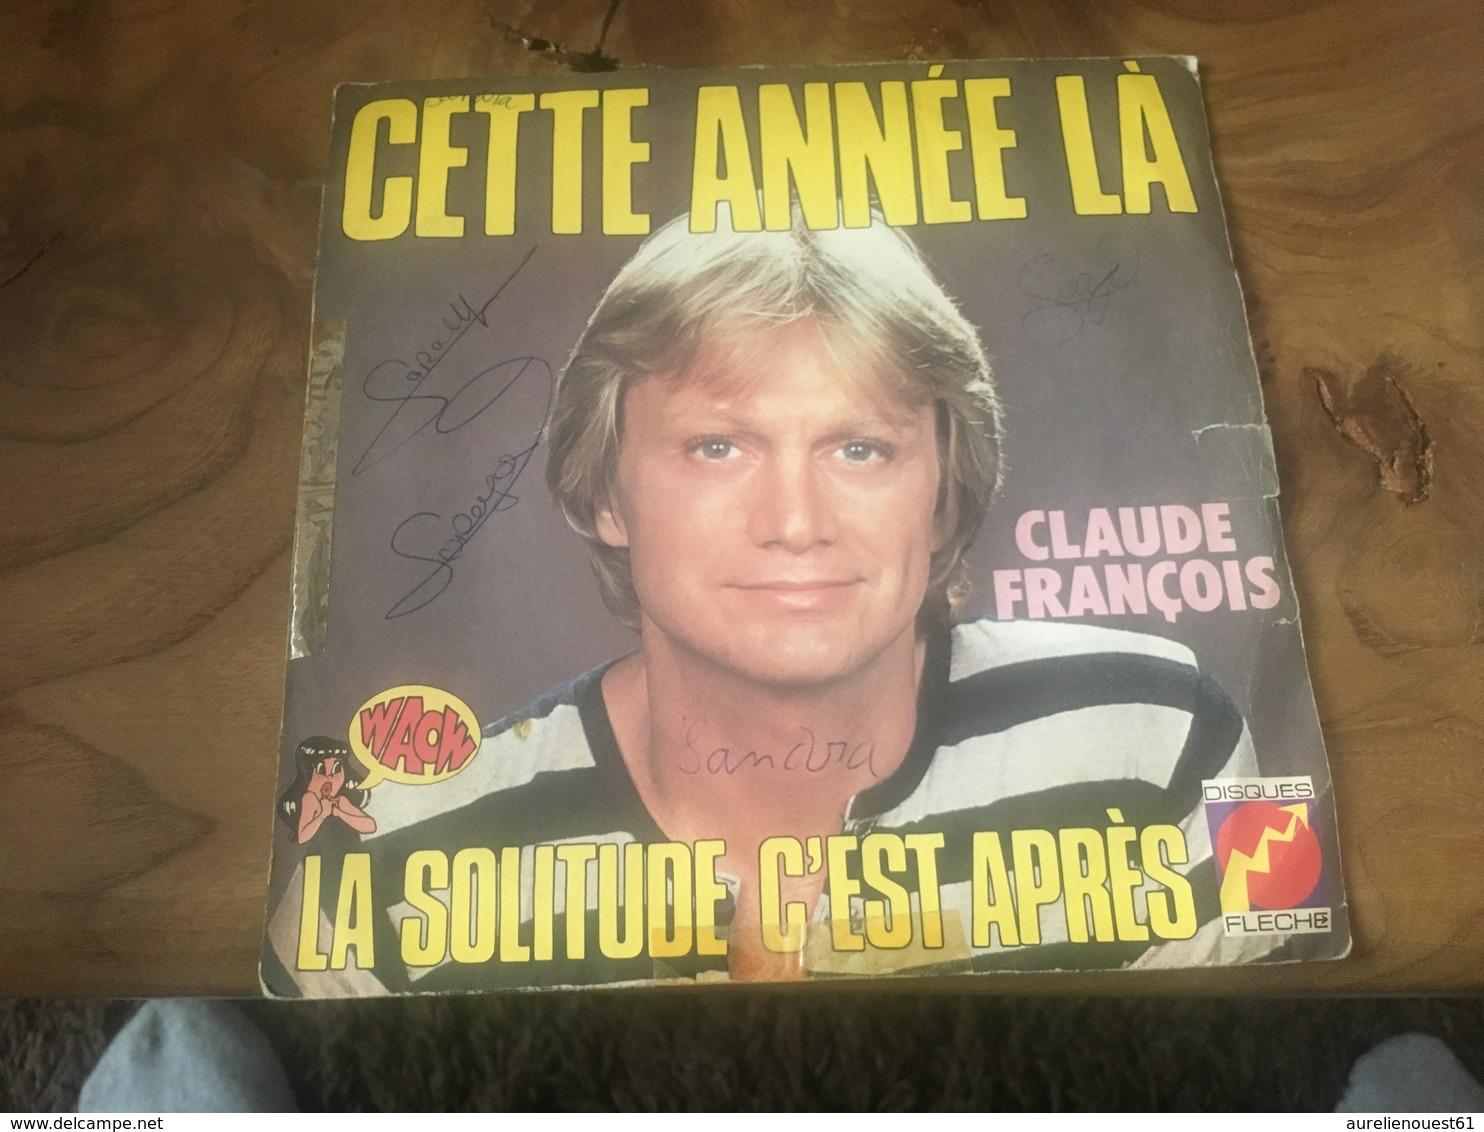 166/ CLAUDE FRANCOIS CETTE ANNEE LA - Reggae